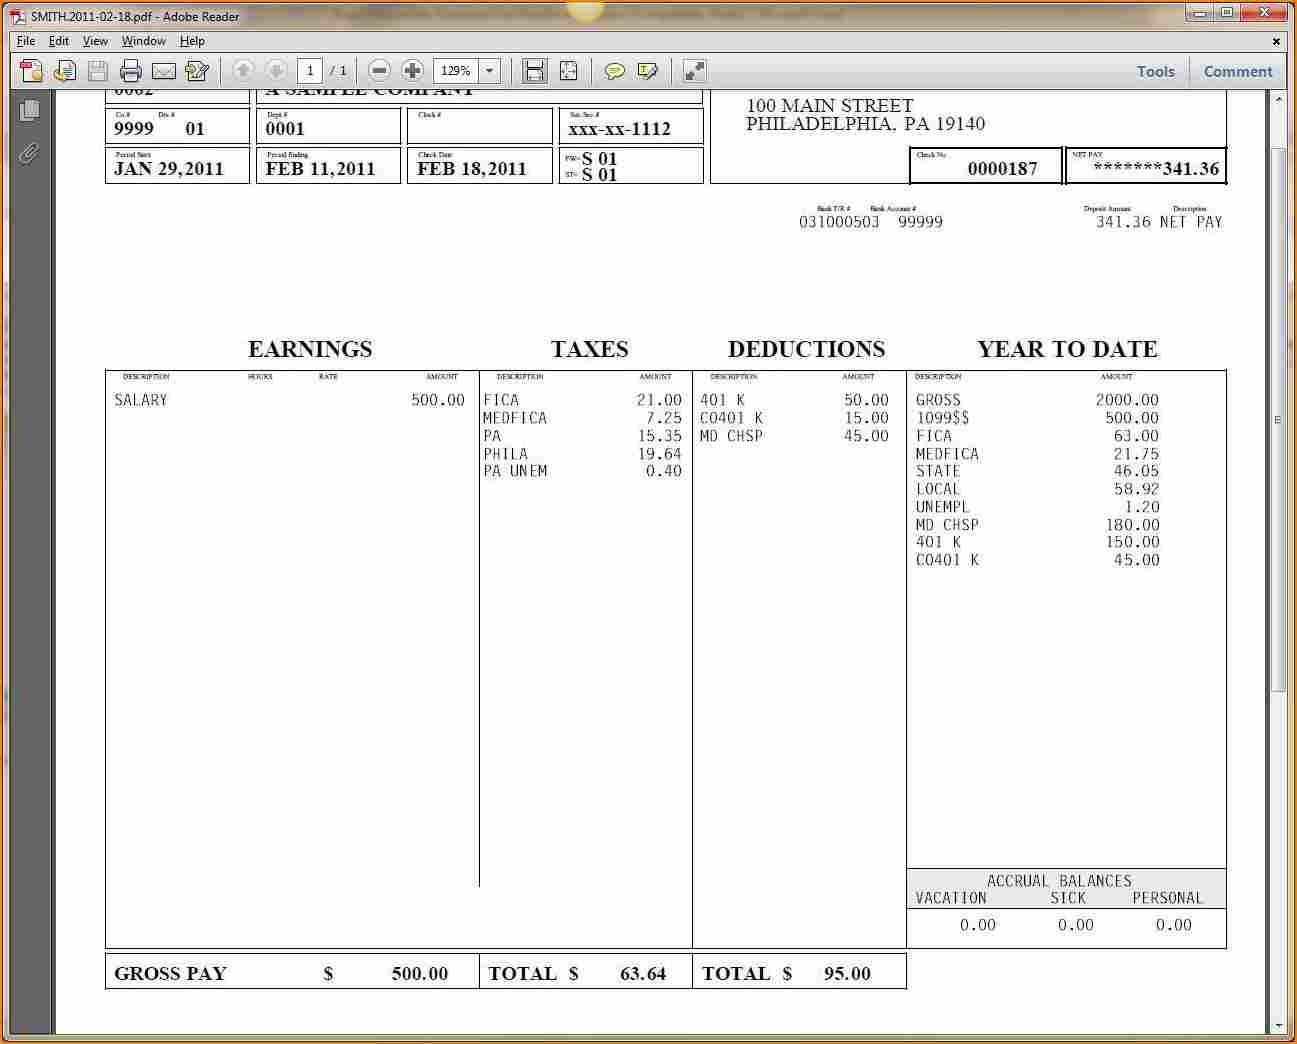 Payroll Check Stub Template 9 Printable Payroll Checks